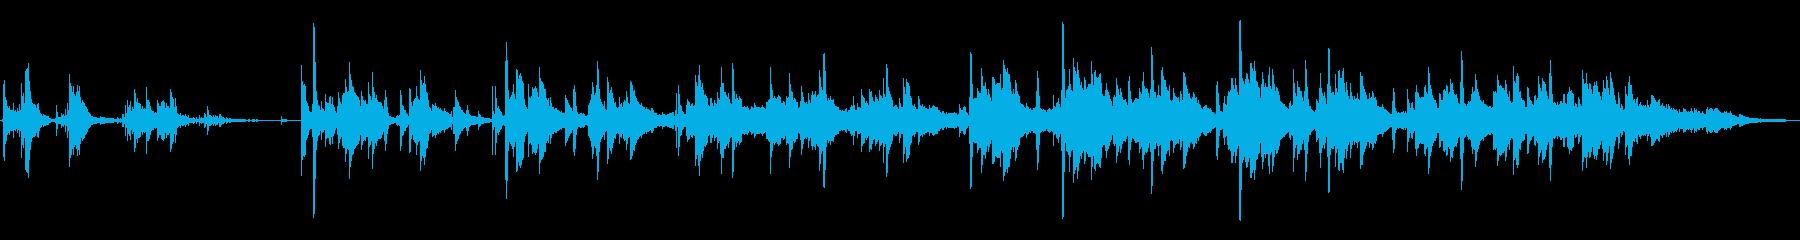 ギターやピアノによる美しいハーモニーの再生済みの波形